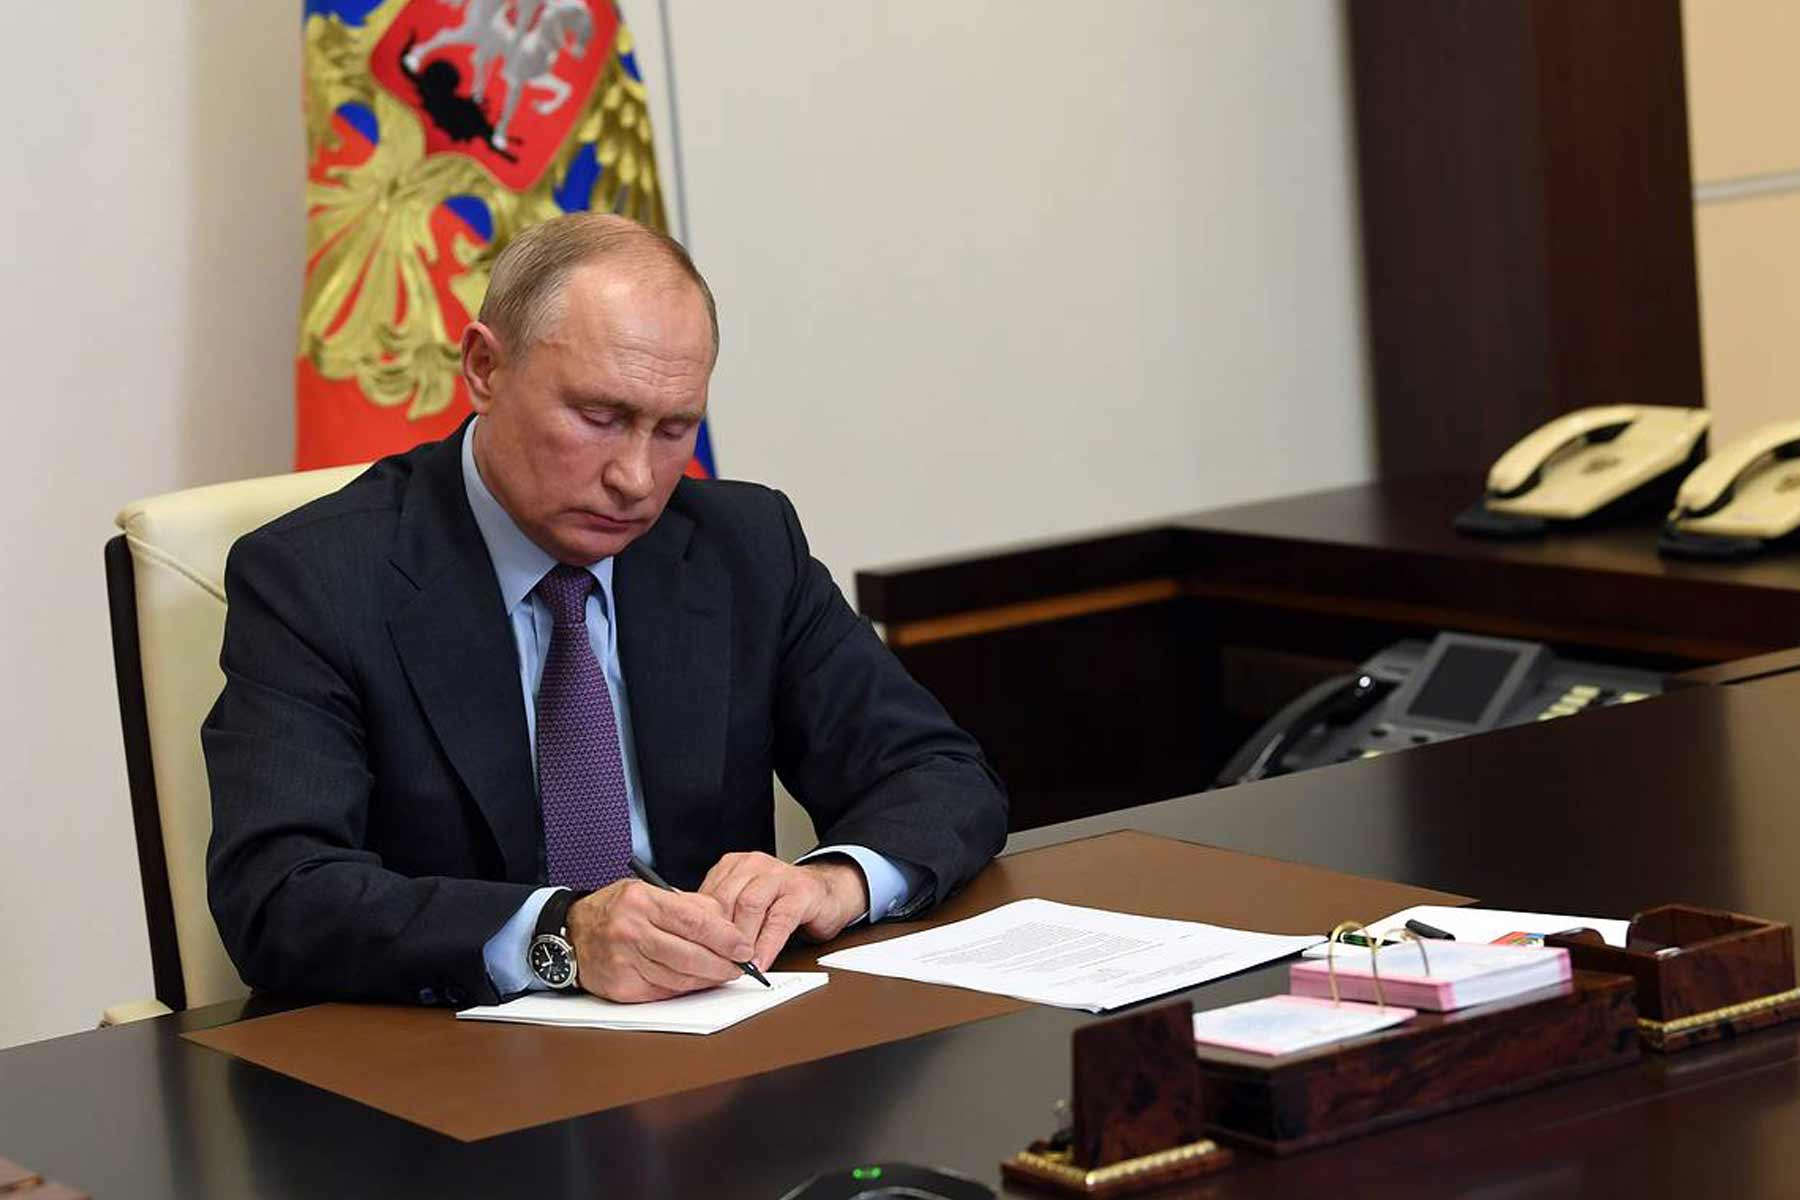 Президент России дал поручения по итогам заседания Совета по культуре и искусству